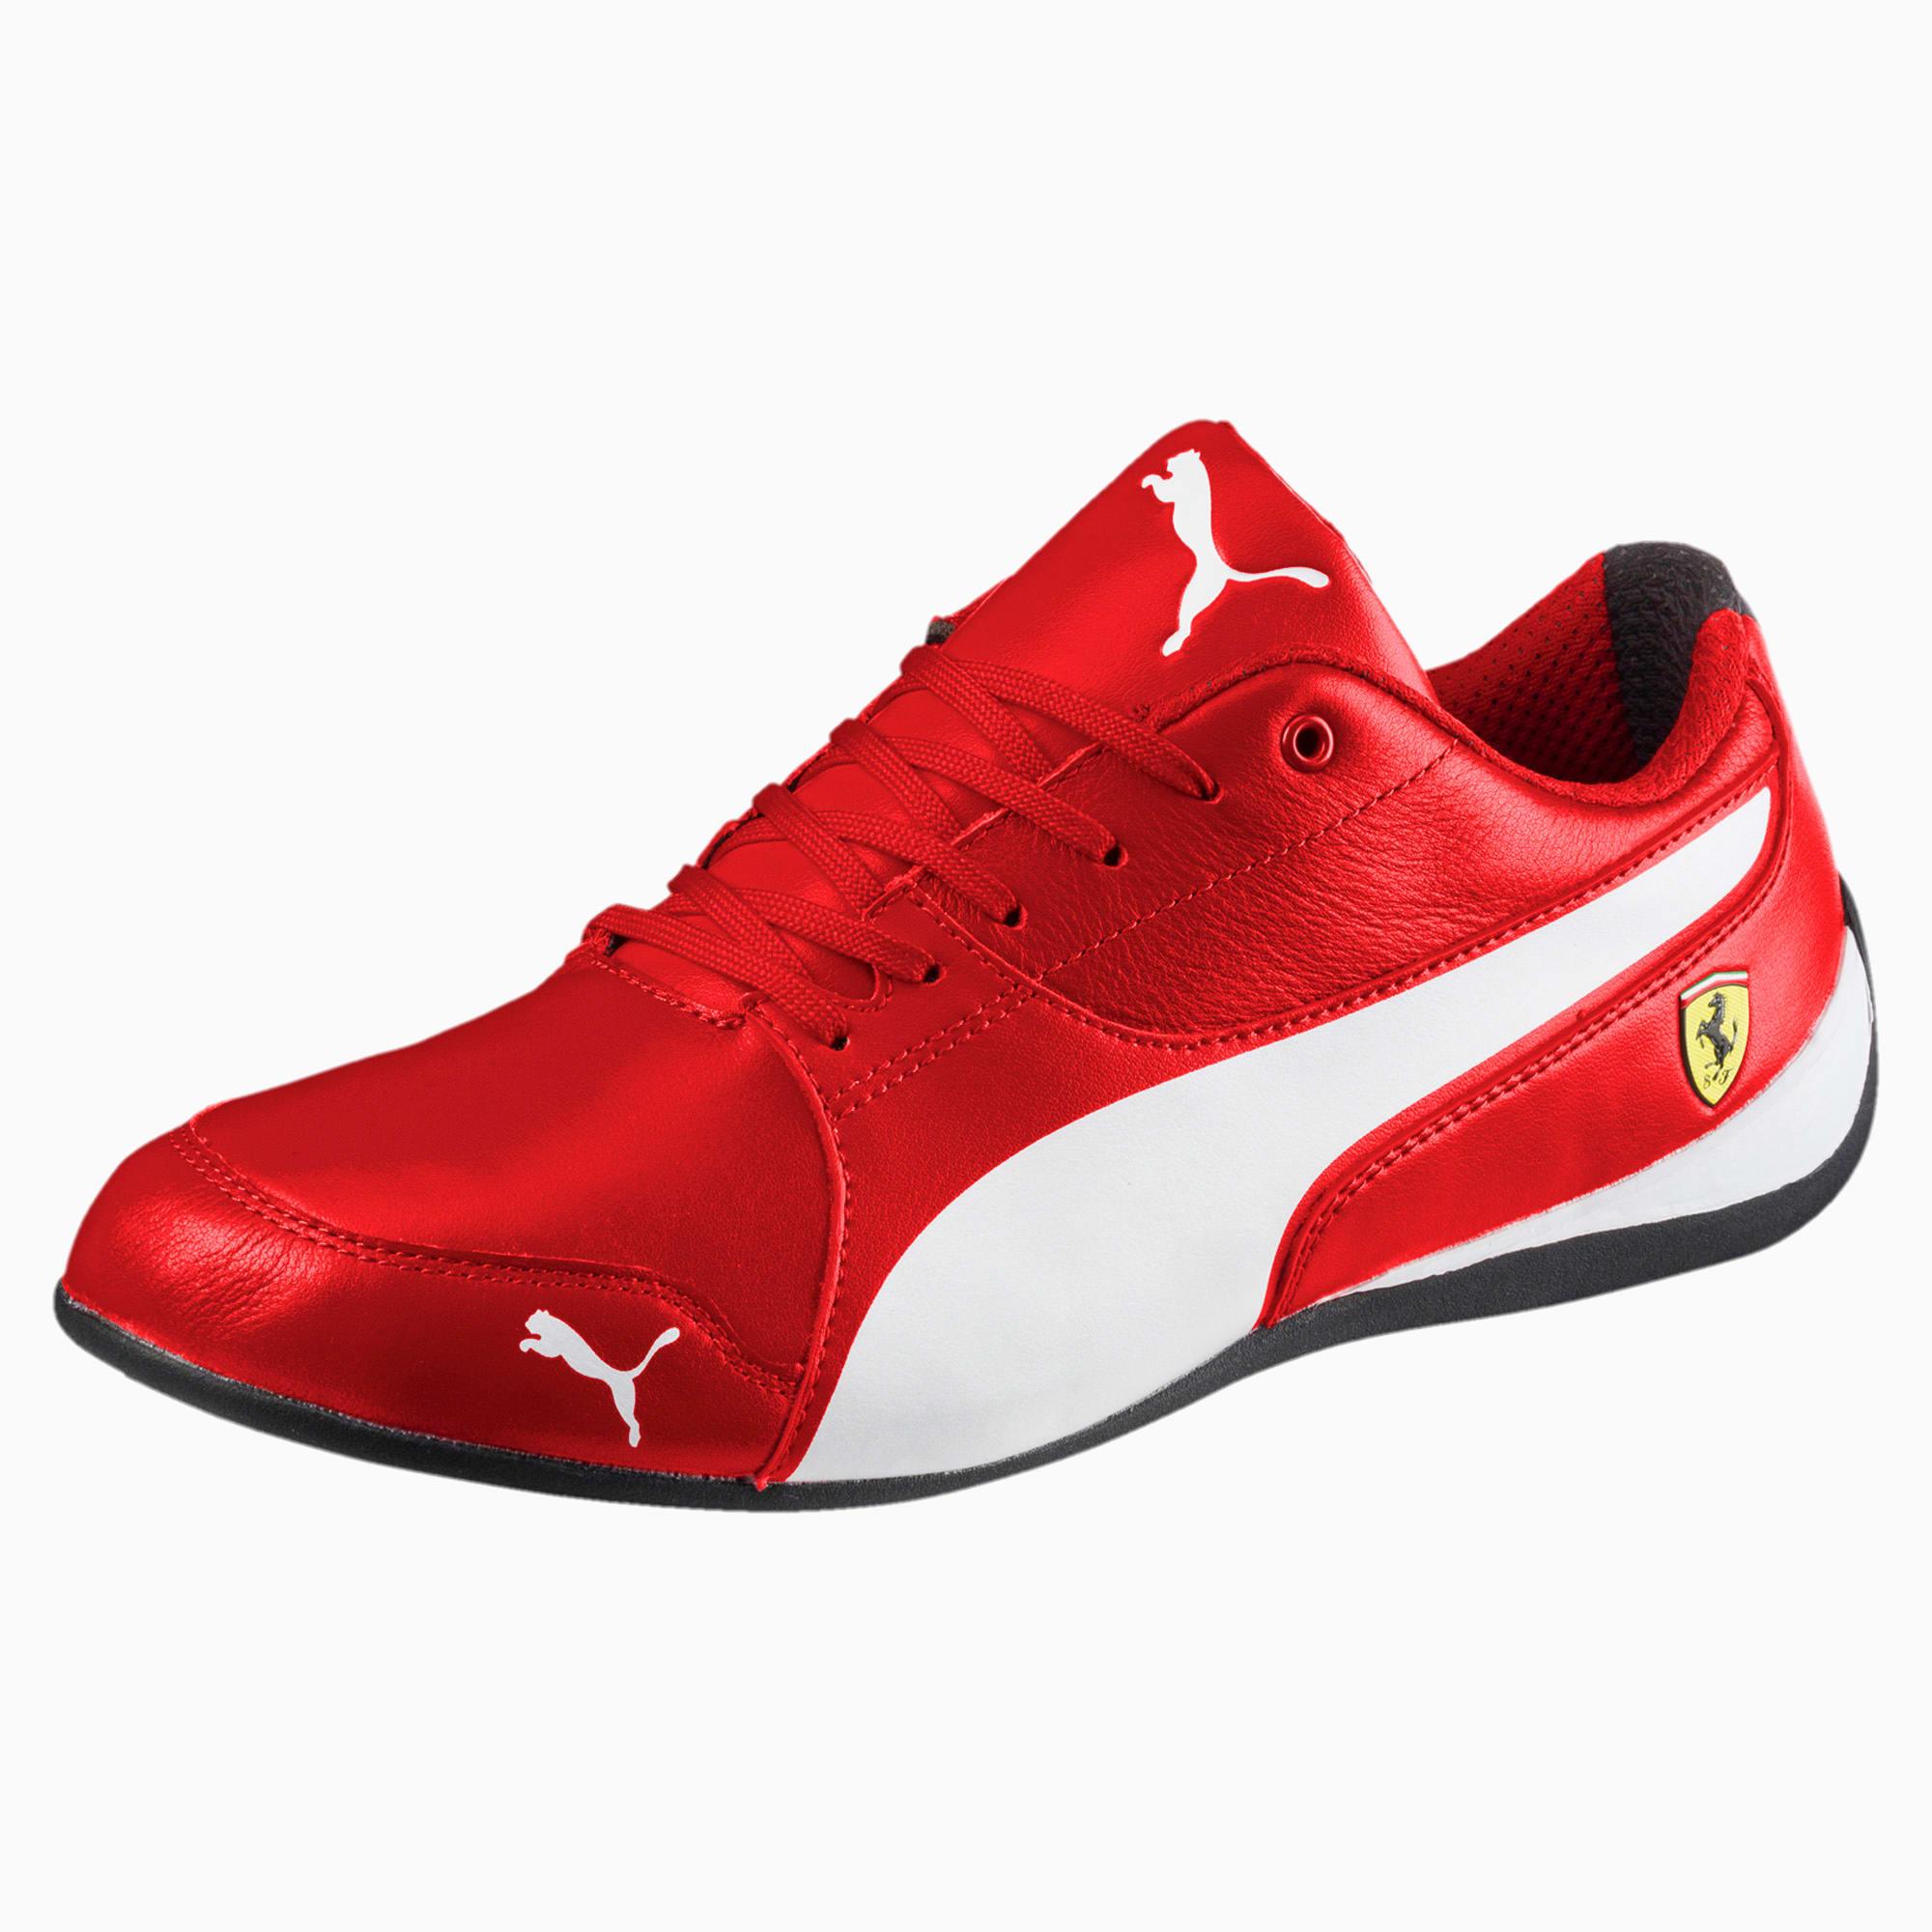 Ondas Descripción del negocio Musgo  Scuderia Ferrari Drift Cat 7 Shoes | PUMA US